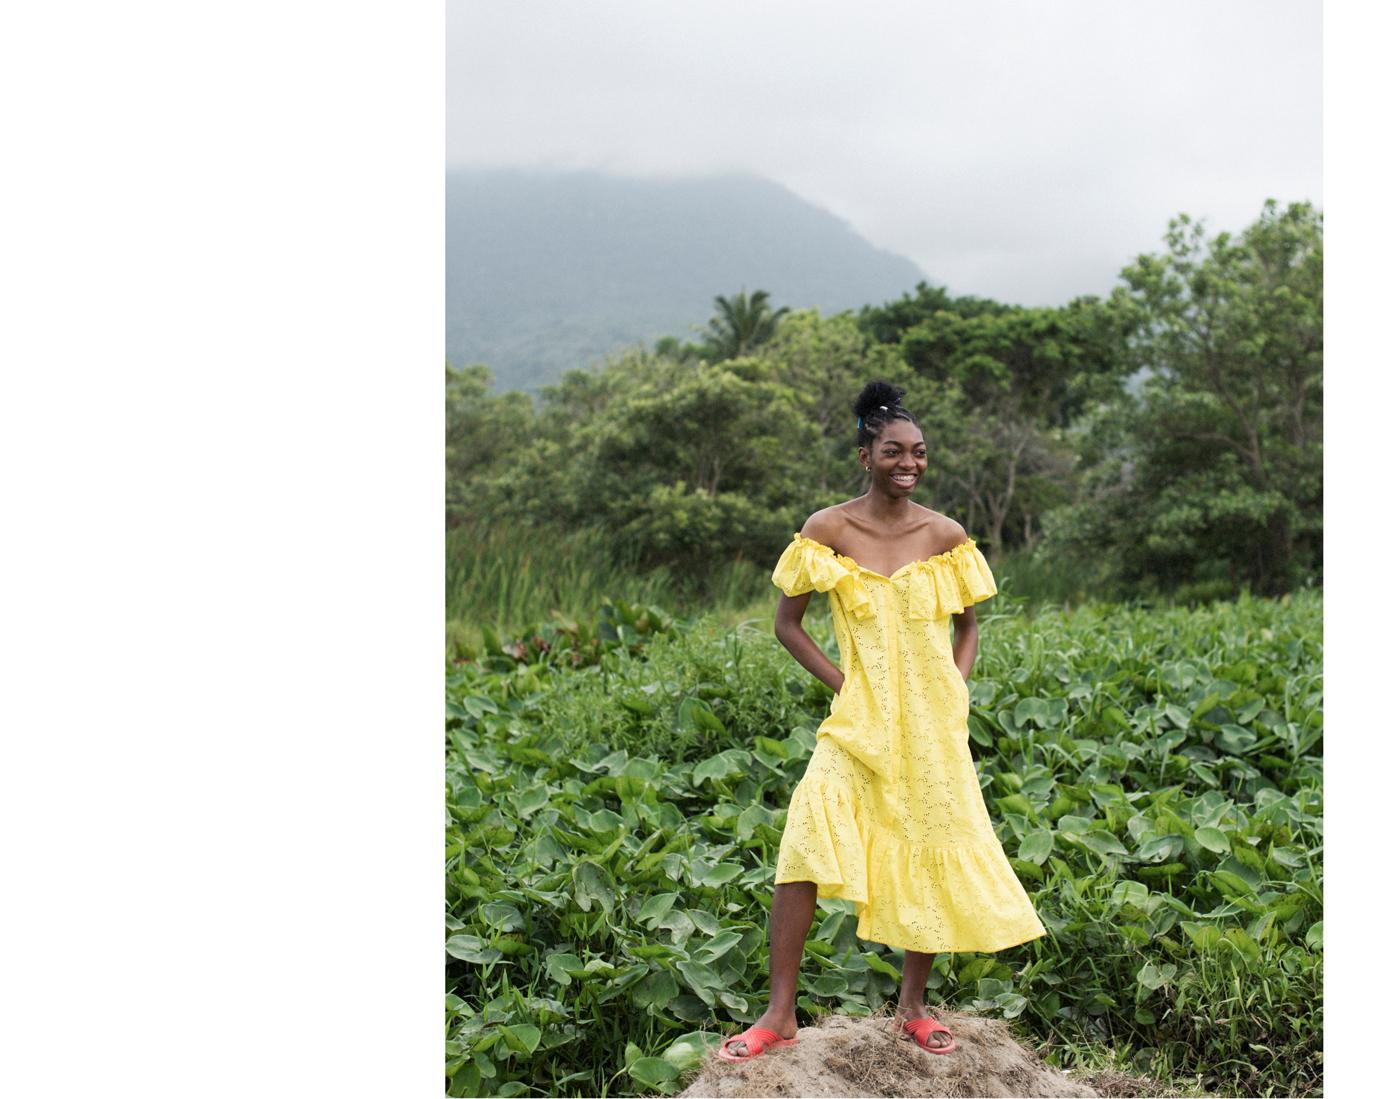 Dress by Lisa Marie Fernandez.